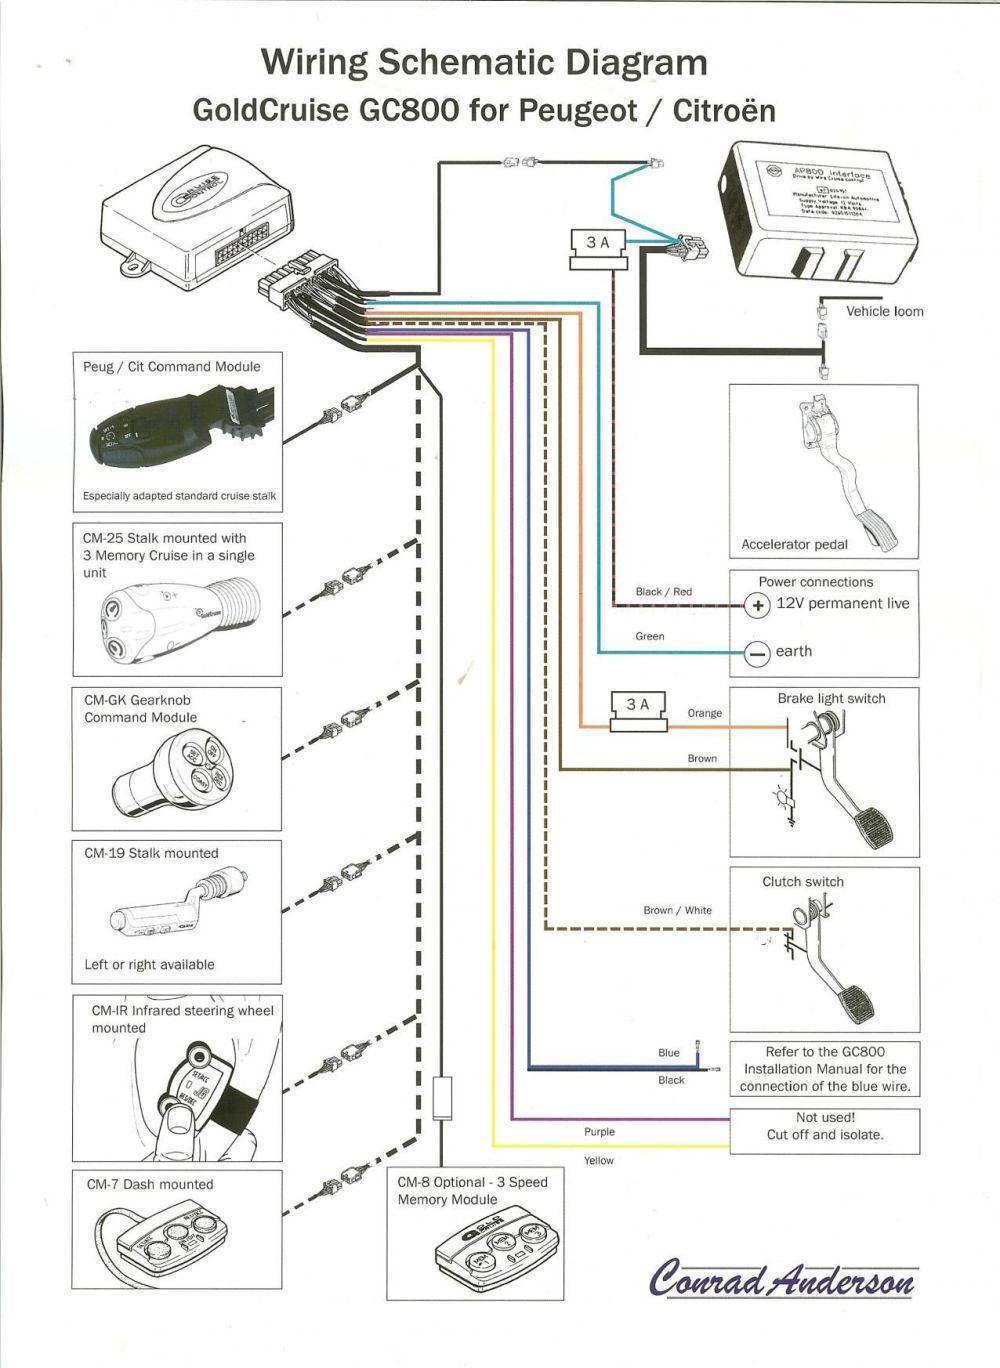 medium resolution of freelander td4 wiring diagram 29 wiring diagram images land rover freelander towbar wiring diagram land rover freelander electrical diagram